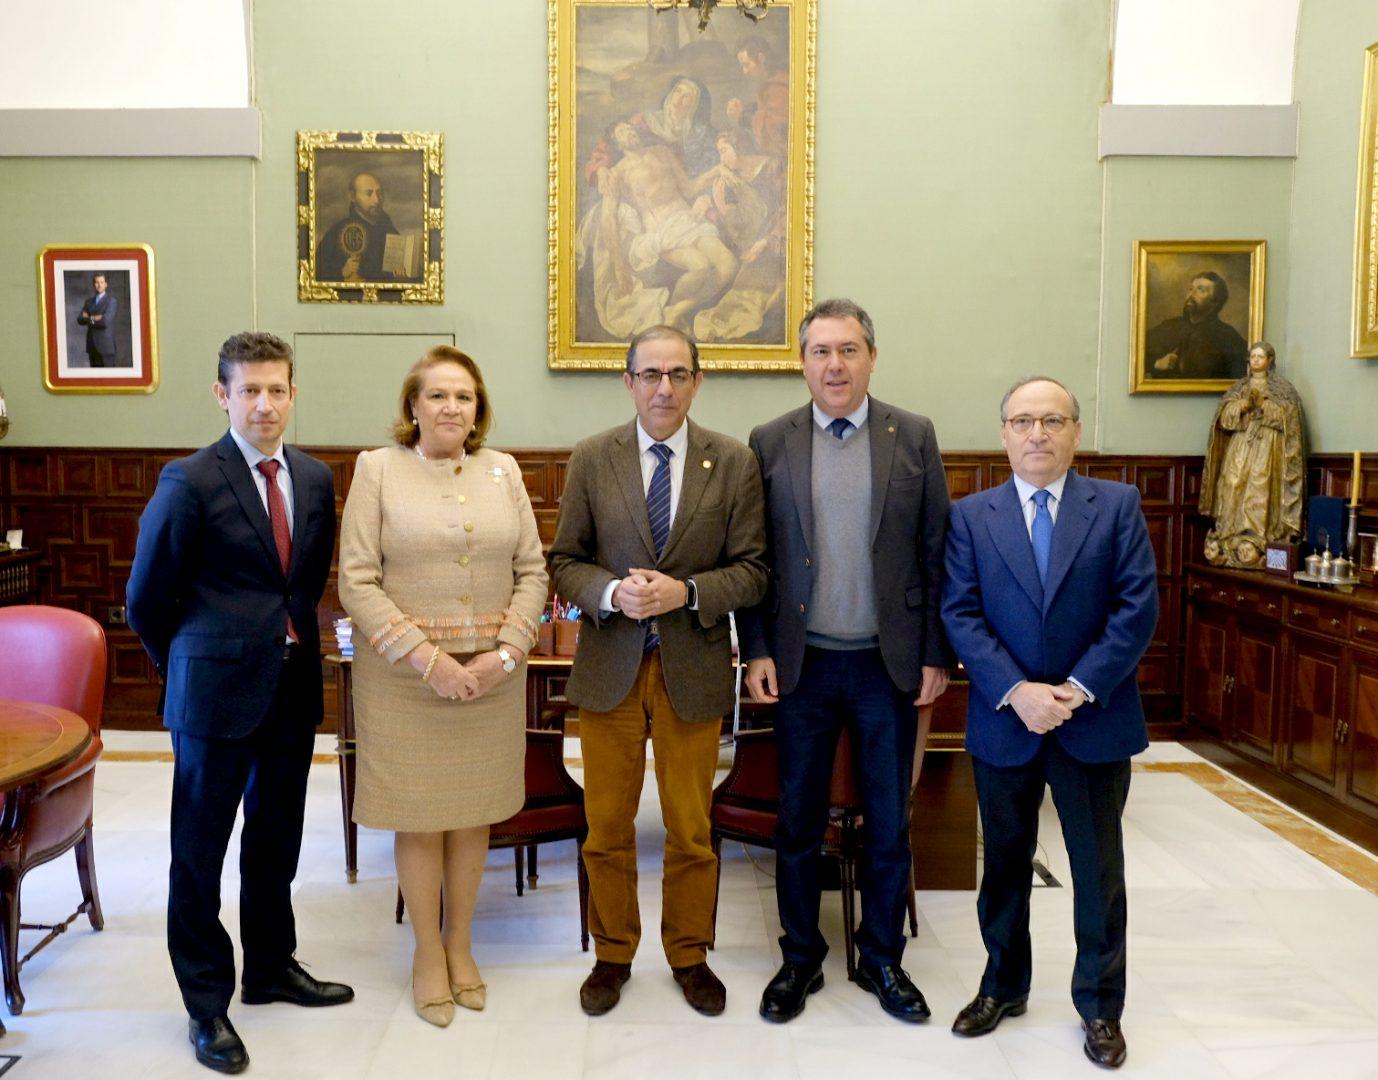 El Consejo Social de la Universidad de Sevilla concede a Ebro el Premio al Mecenazgo Empresarial